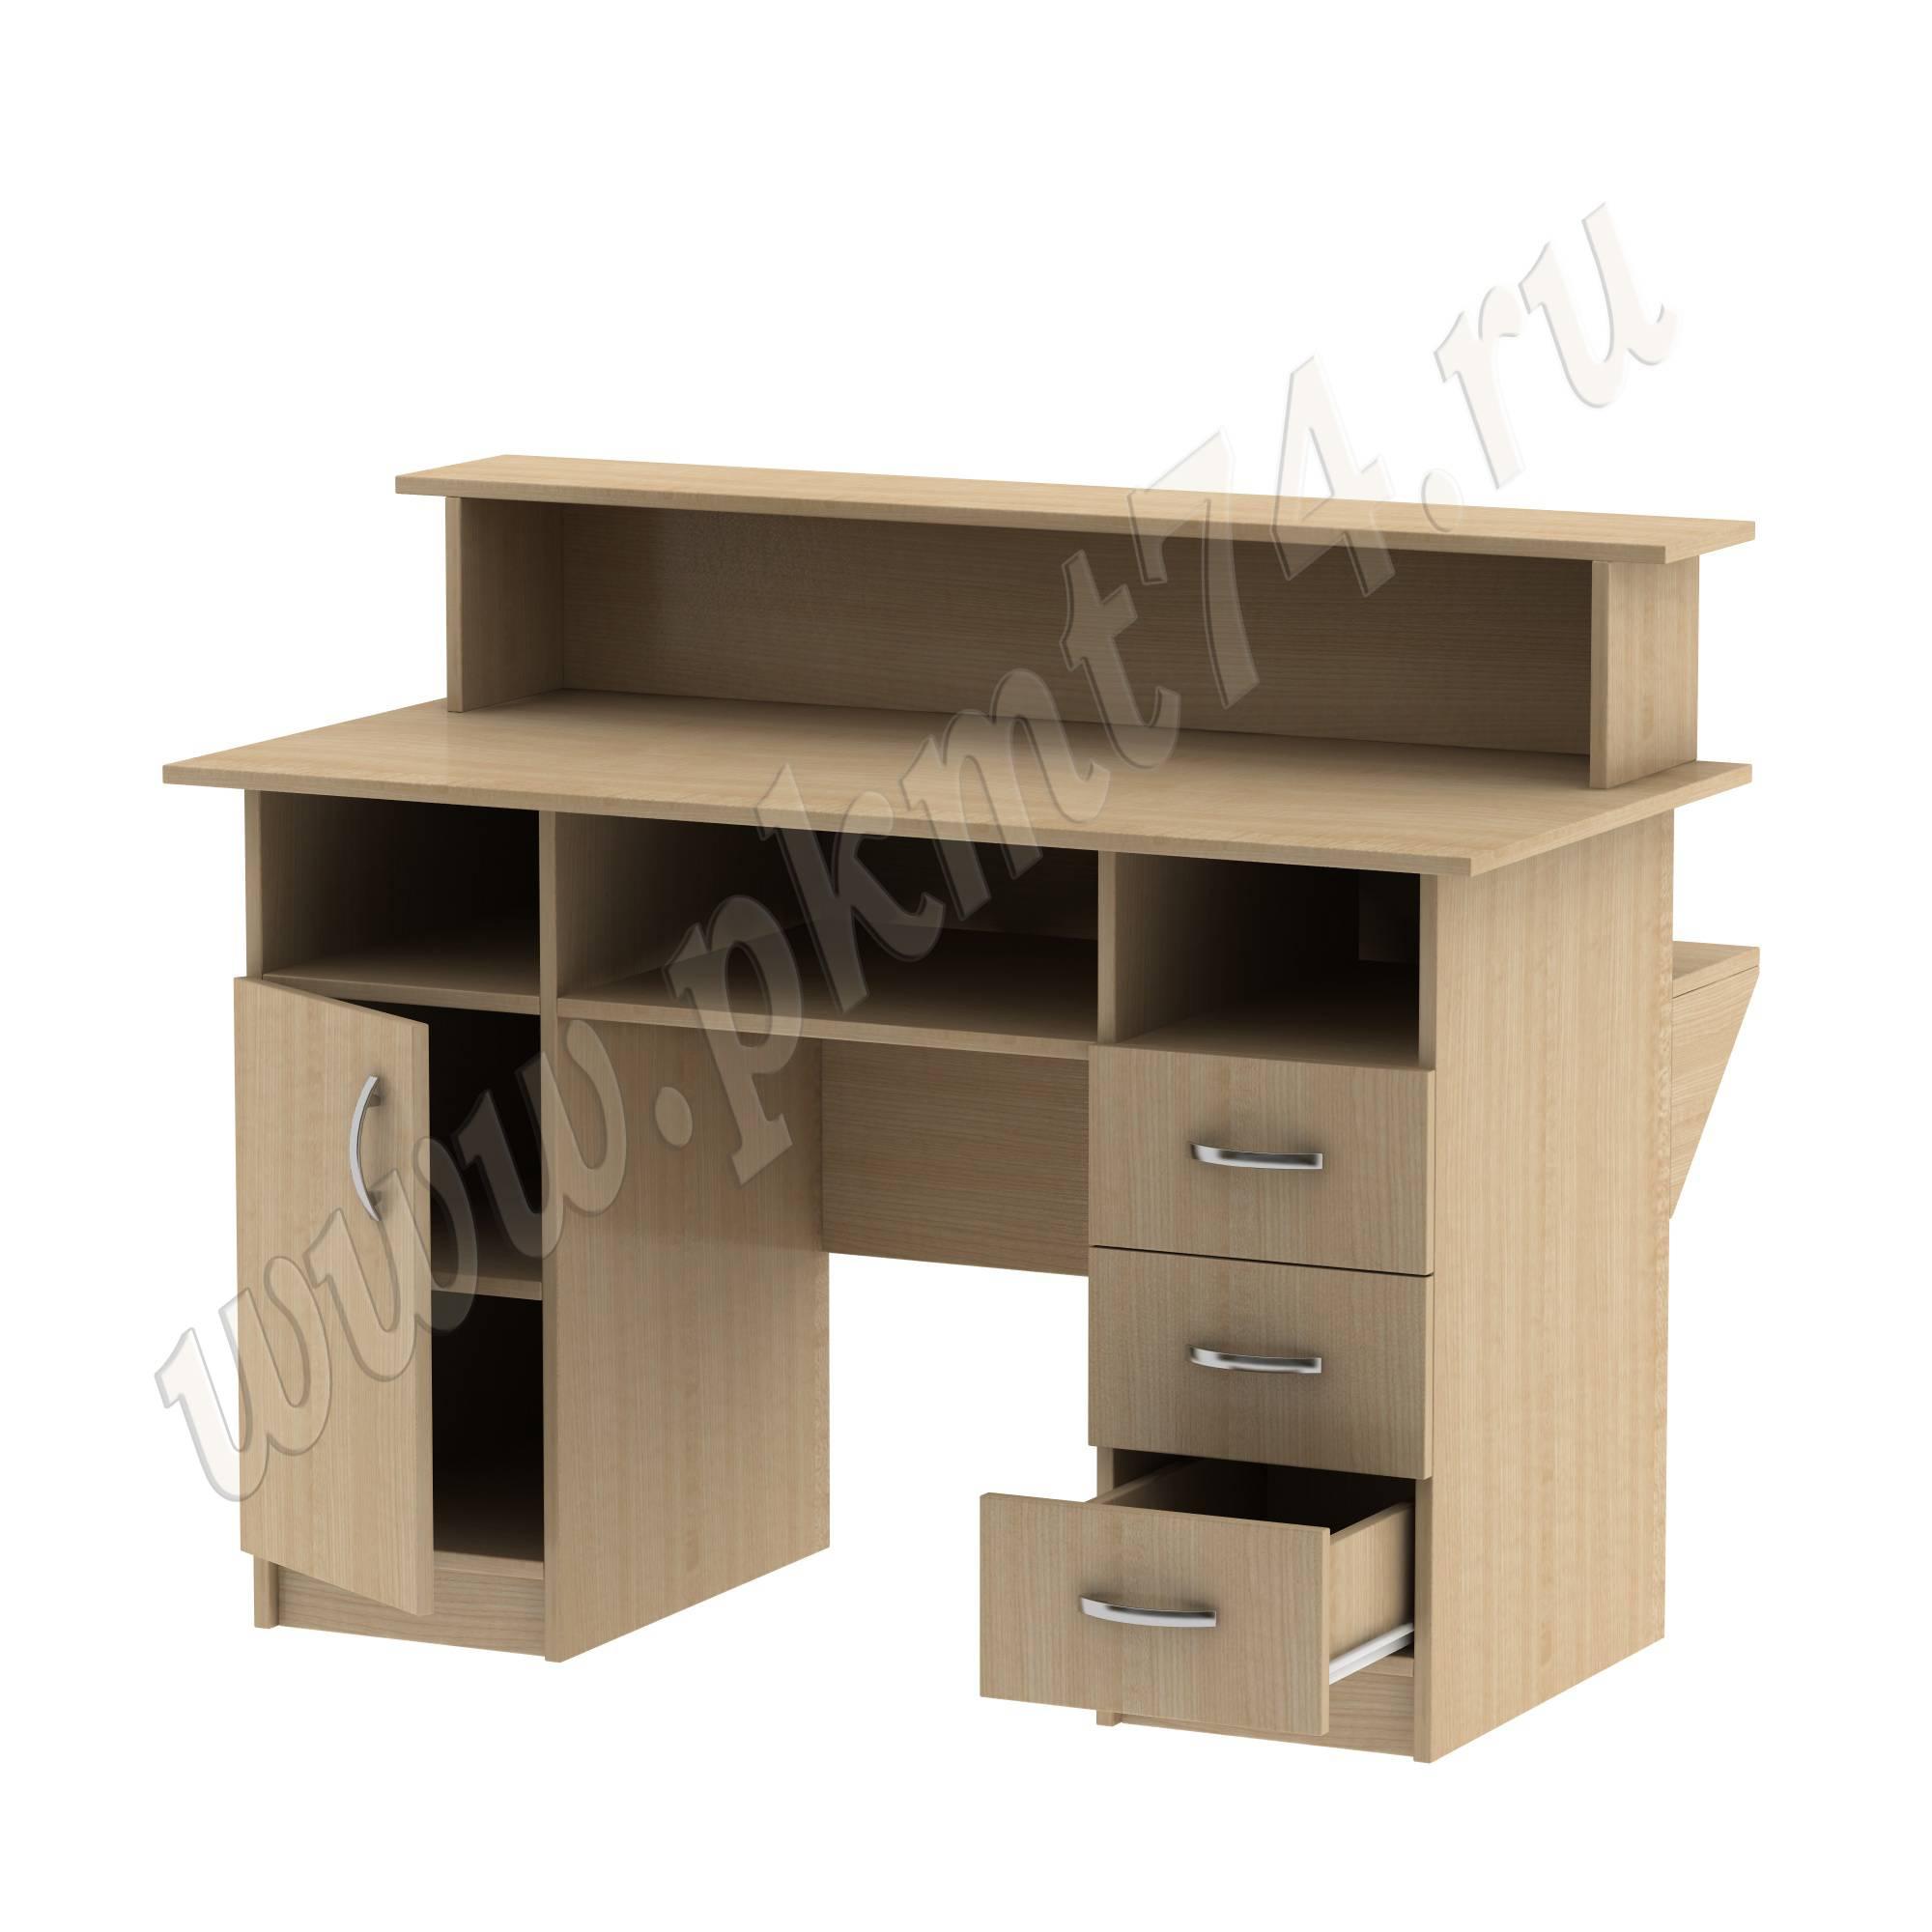 Стол библиотечный с тумбами [Цвет ЛДСП:: Клён]